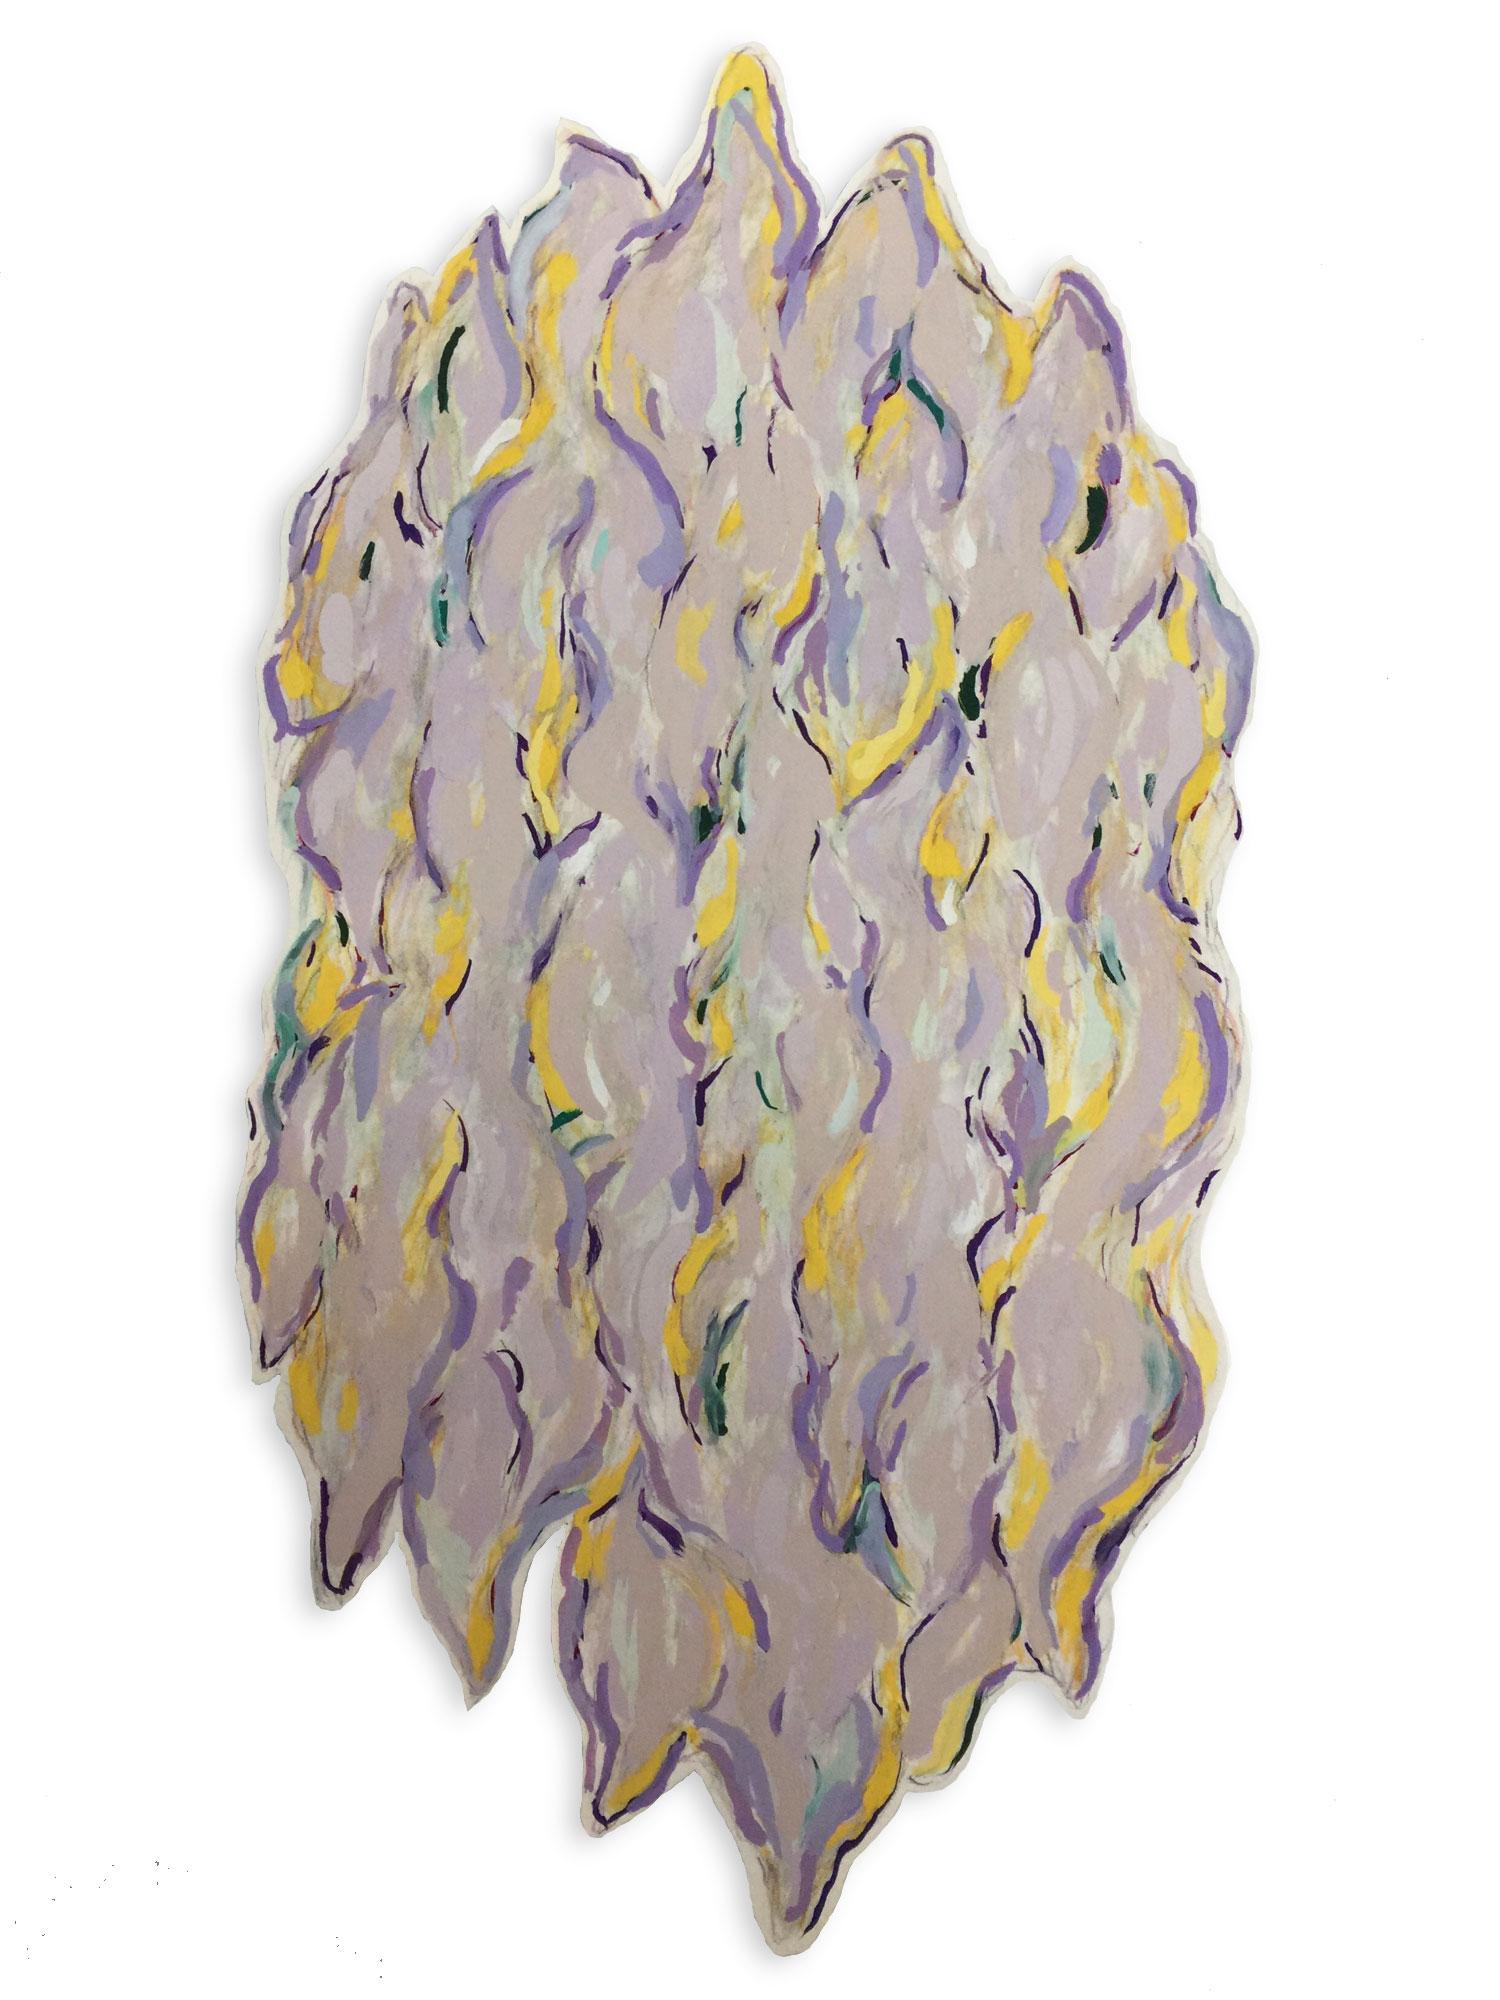 Untitled (Violet Pod)